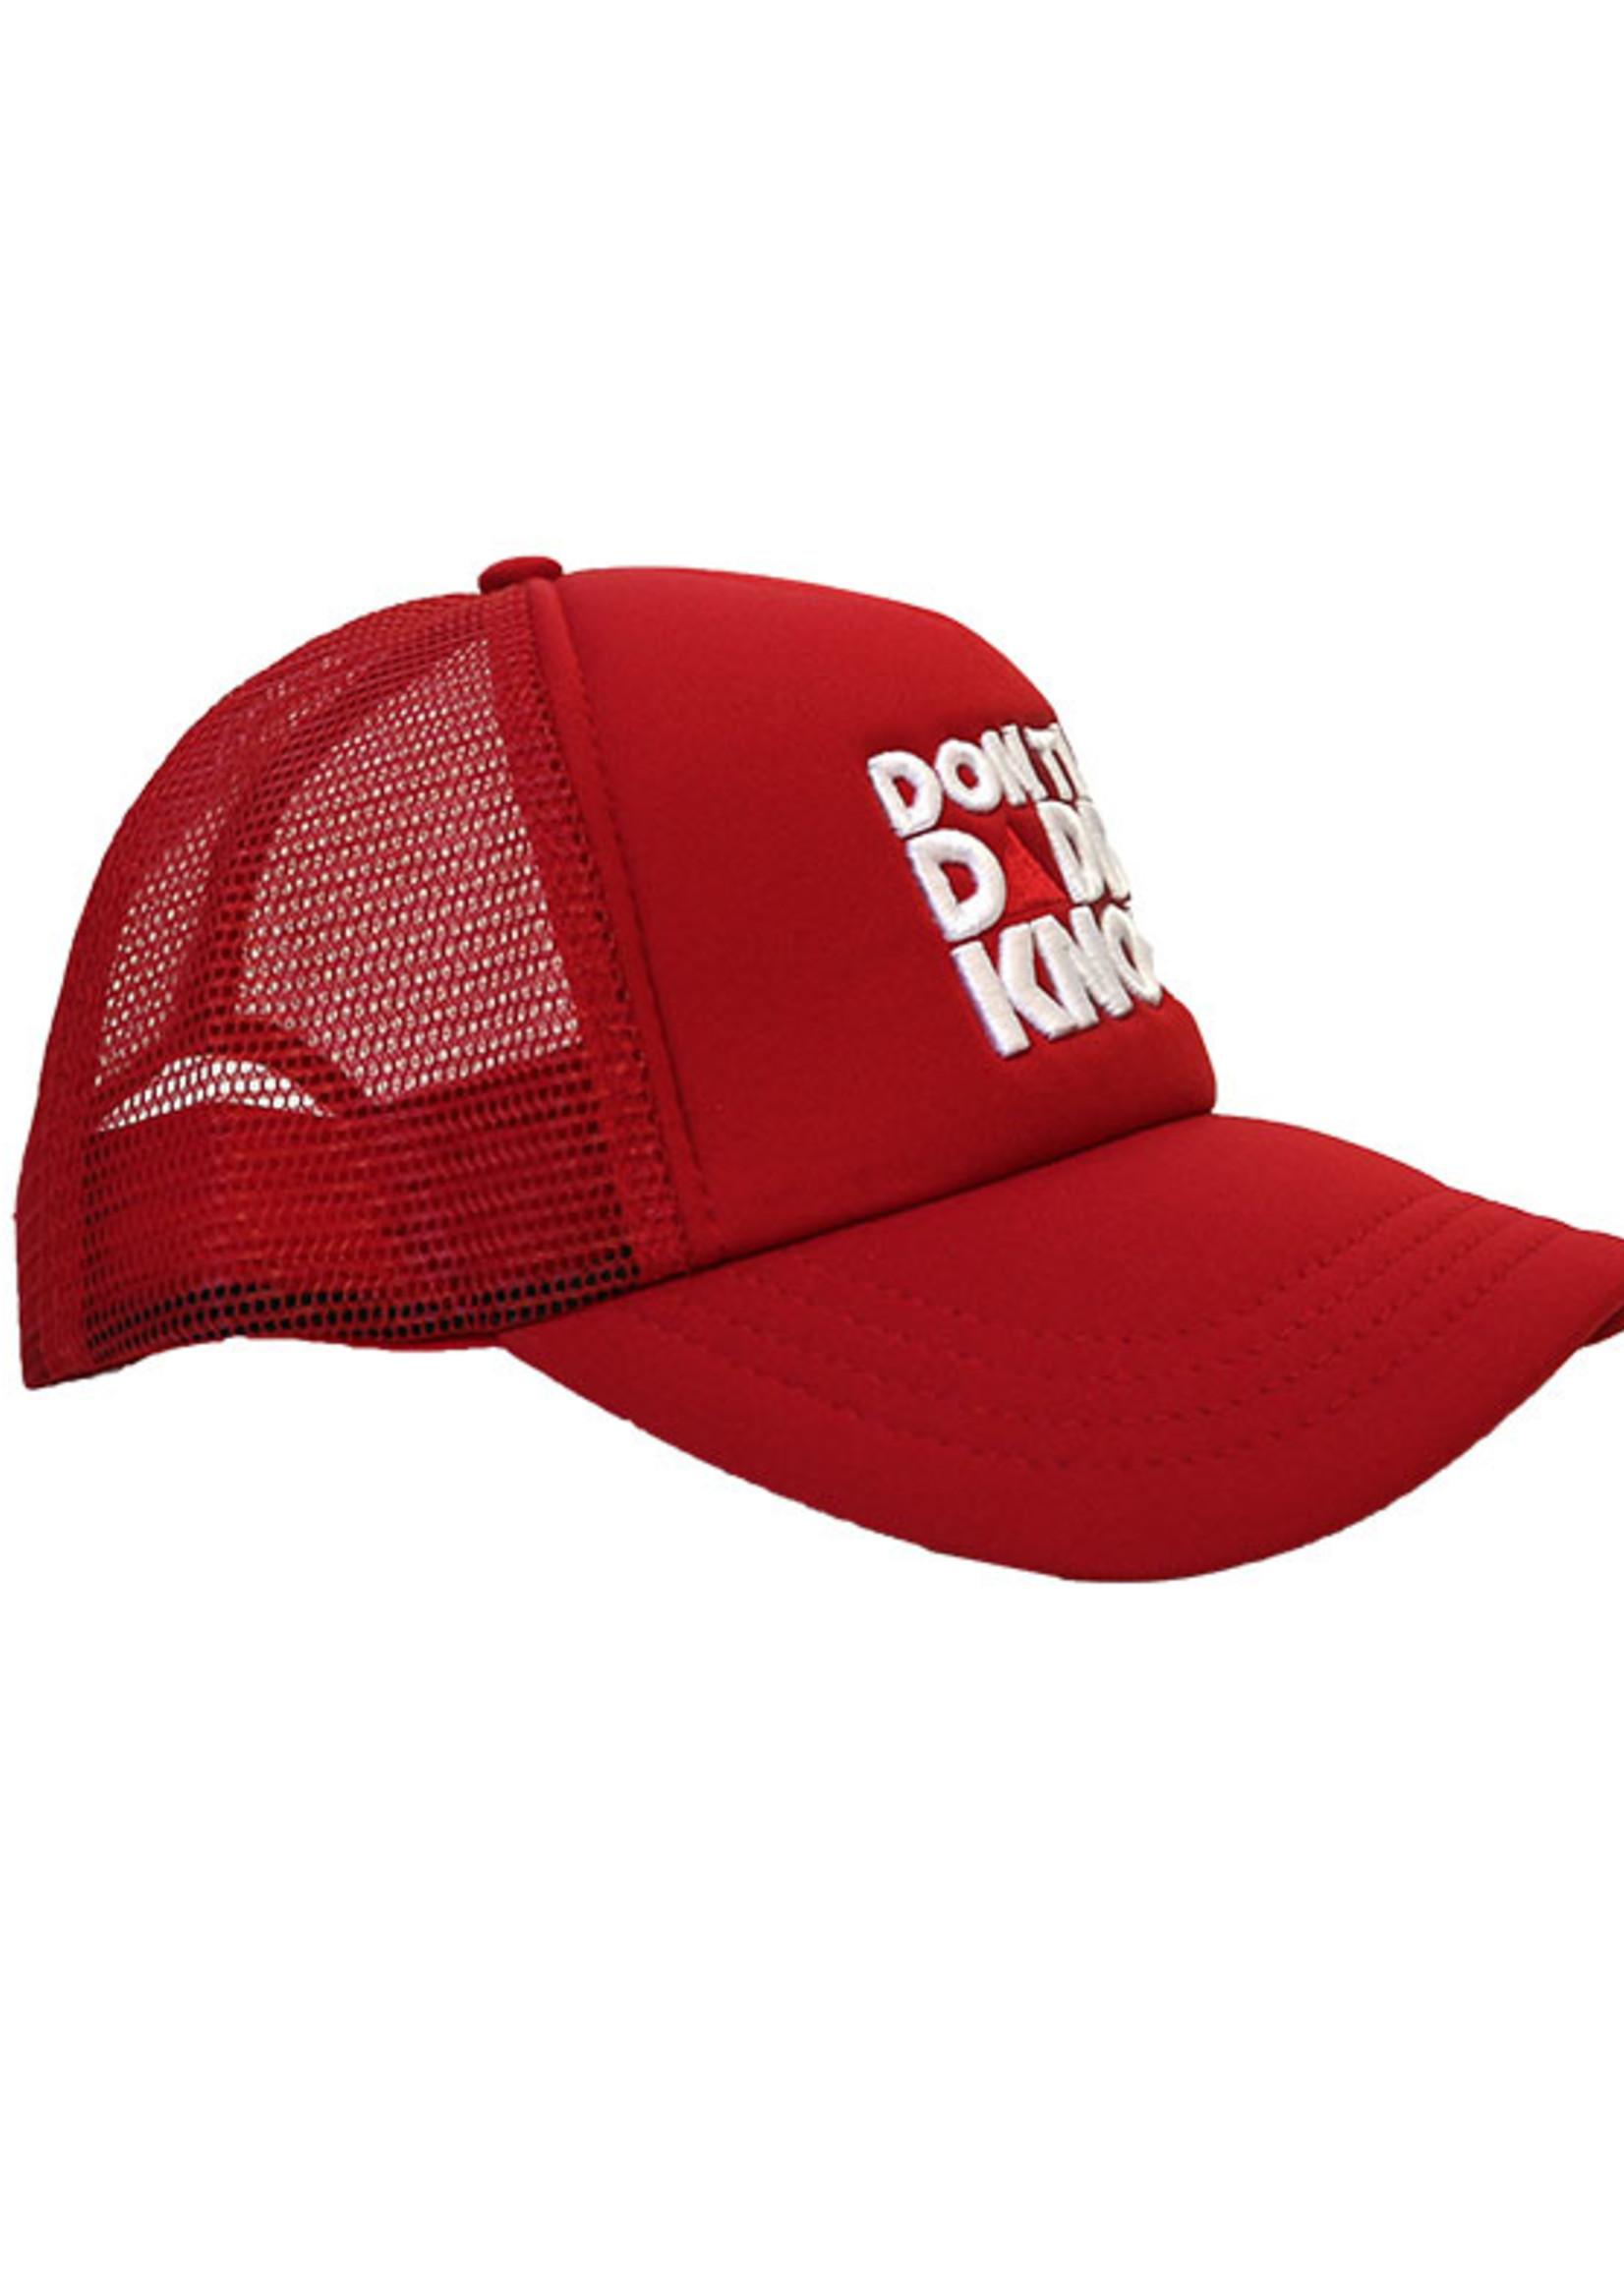 Truckercap Red